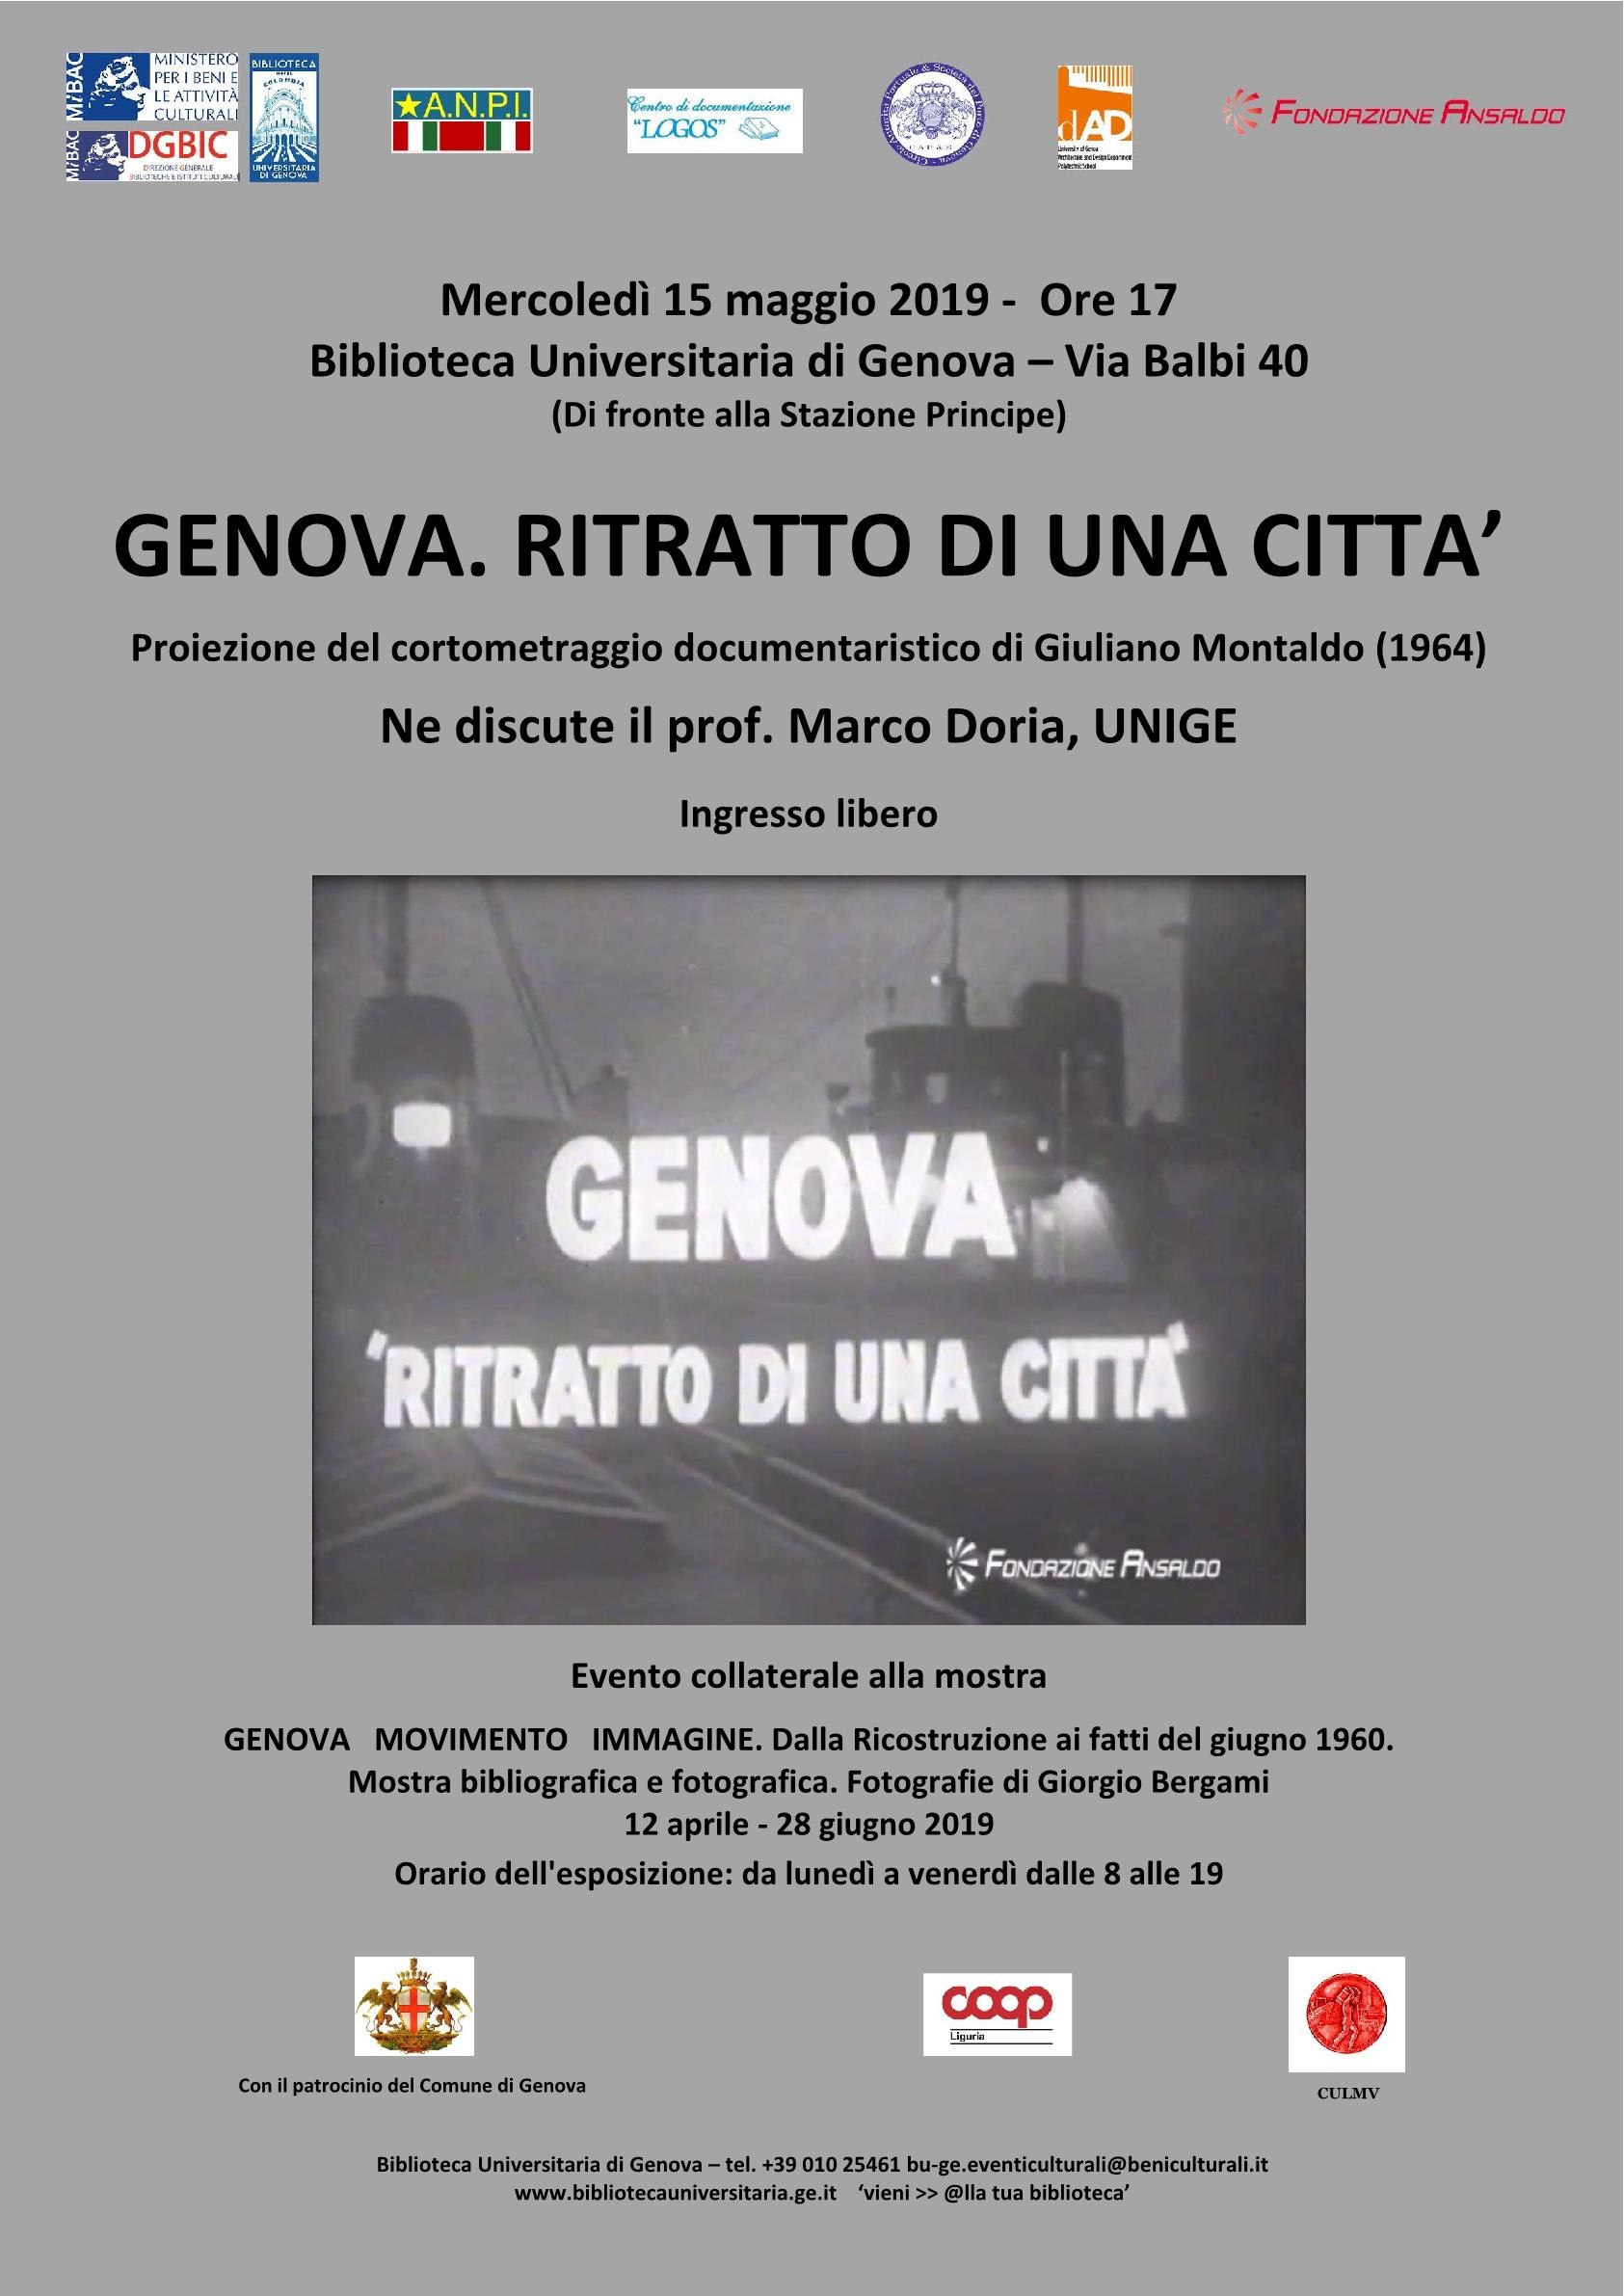 Genova, ritratto di una città